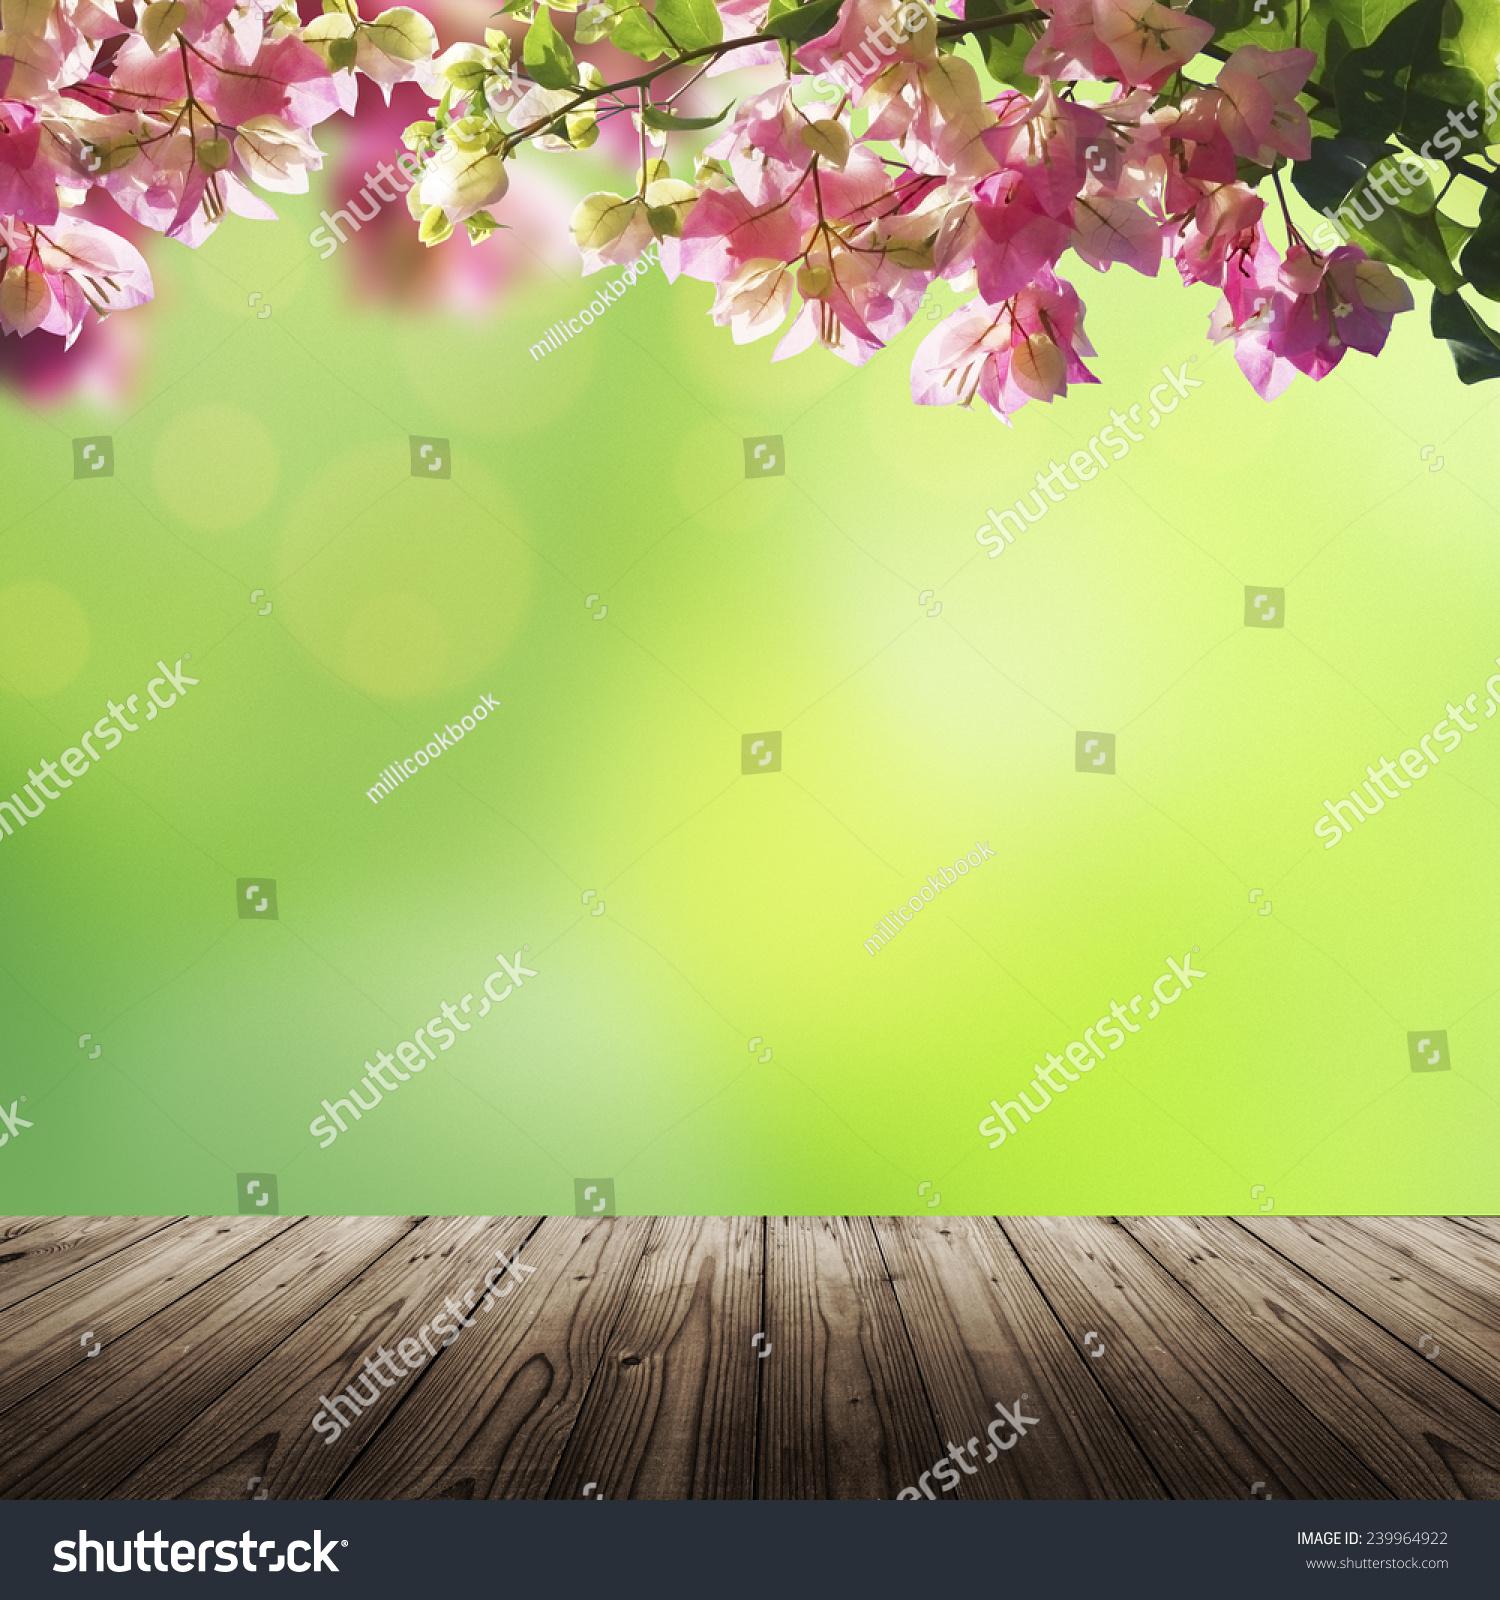 盛开的花朵和绿色的夏天(春季)散景背景木桌上